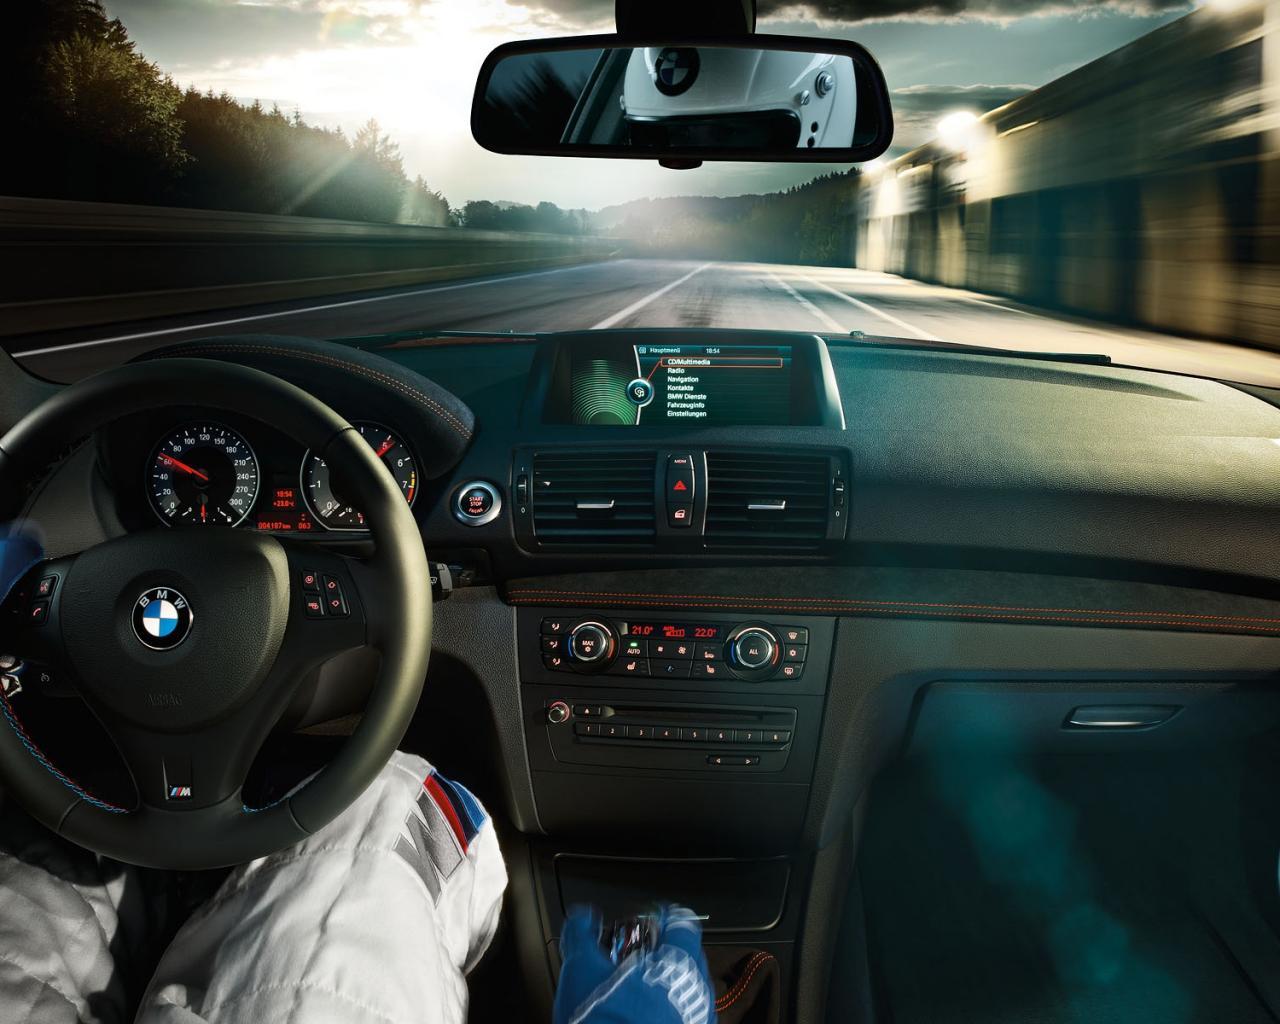 За рулём BMW обои для рабочего стола, картинки, фото, 1280x1024.